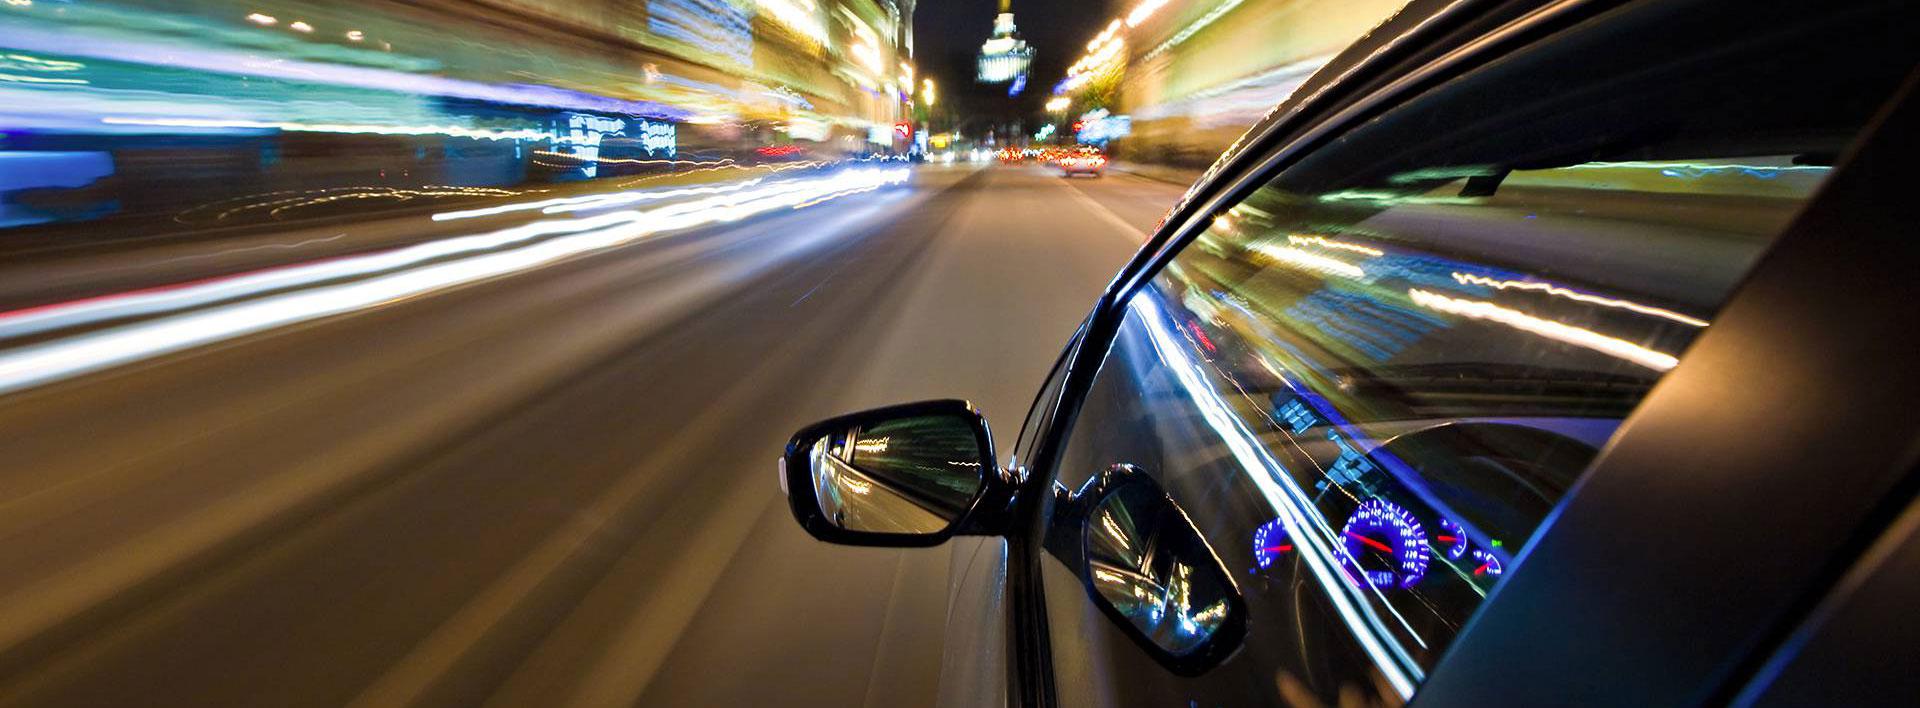 راهنمای جامع بهبود عملکرد و افزایش سرعت وردپرس